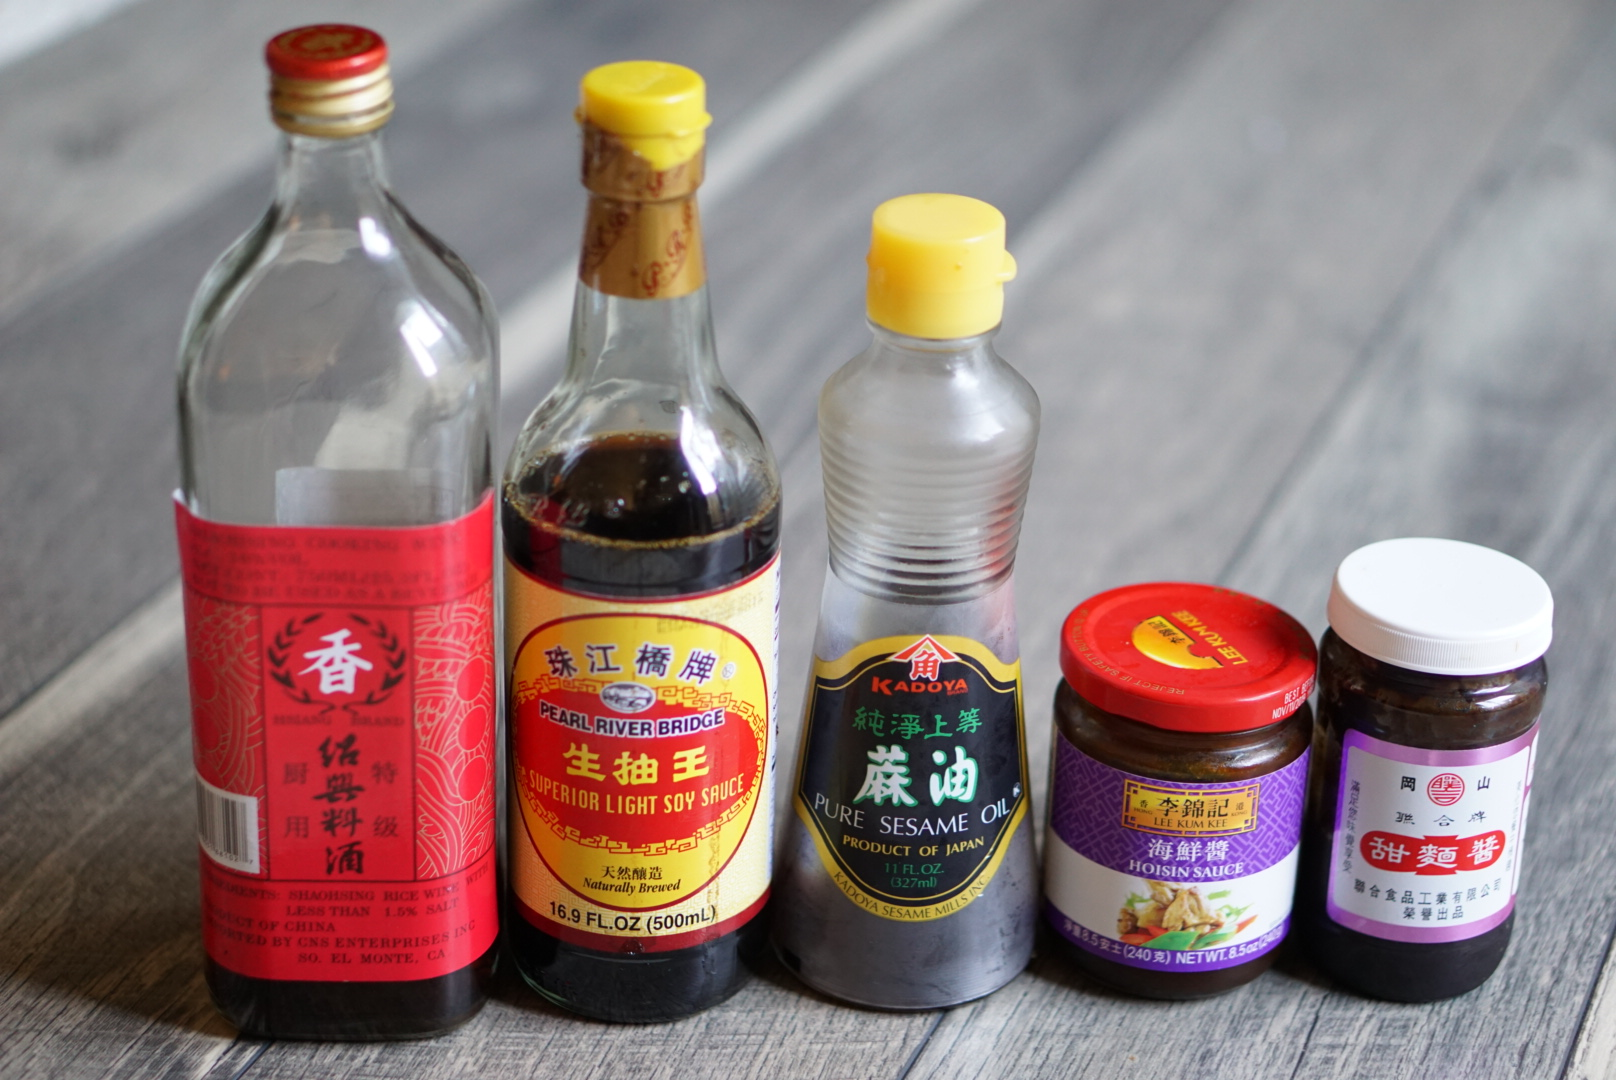 pantryno7 zha jiang mian recipe